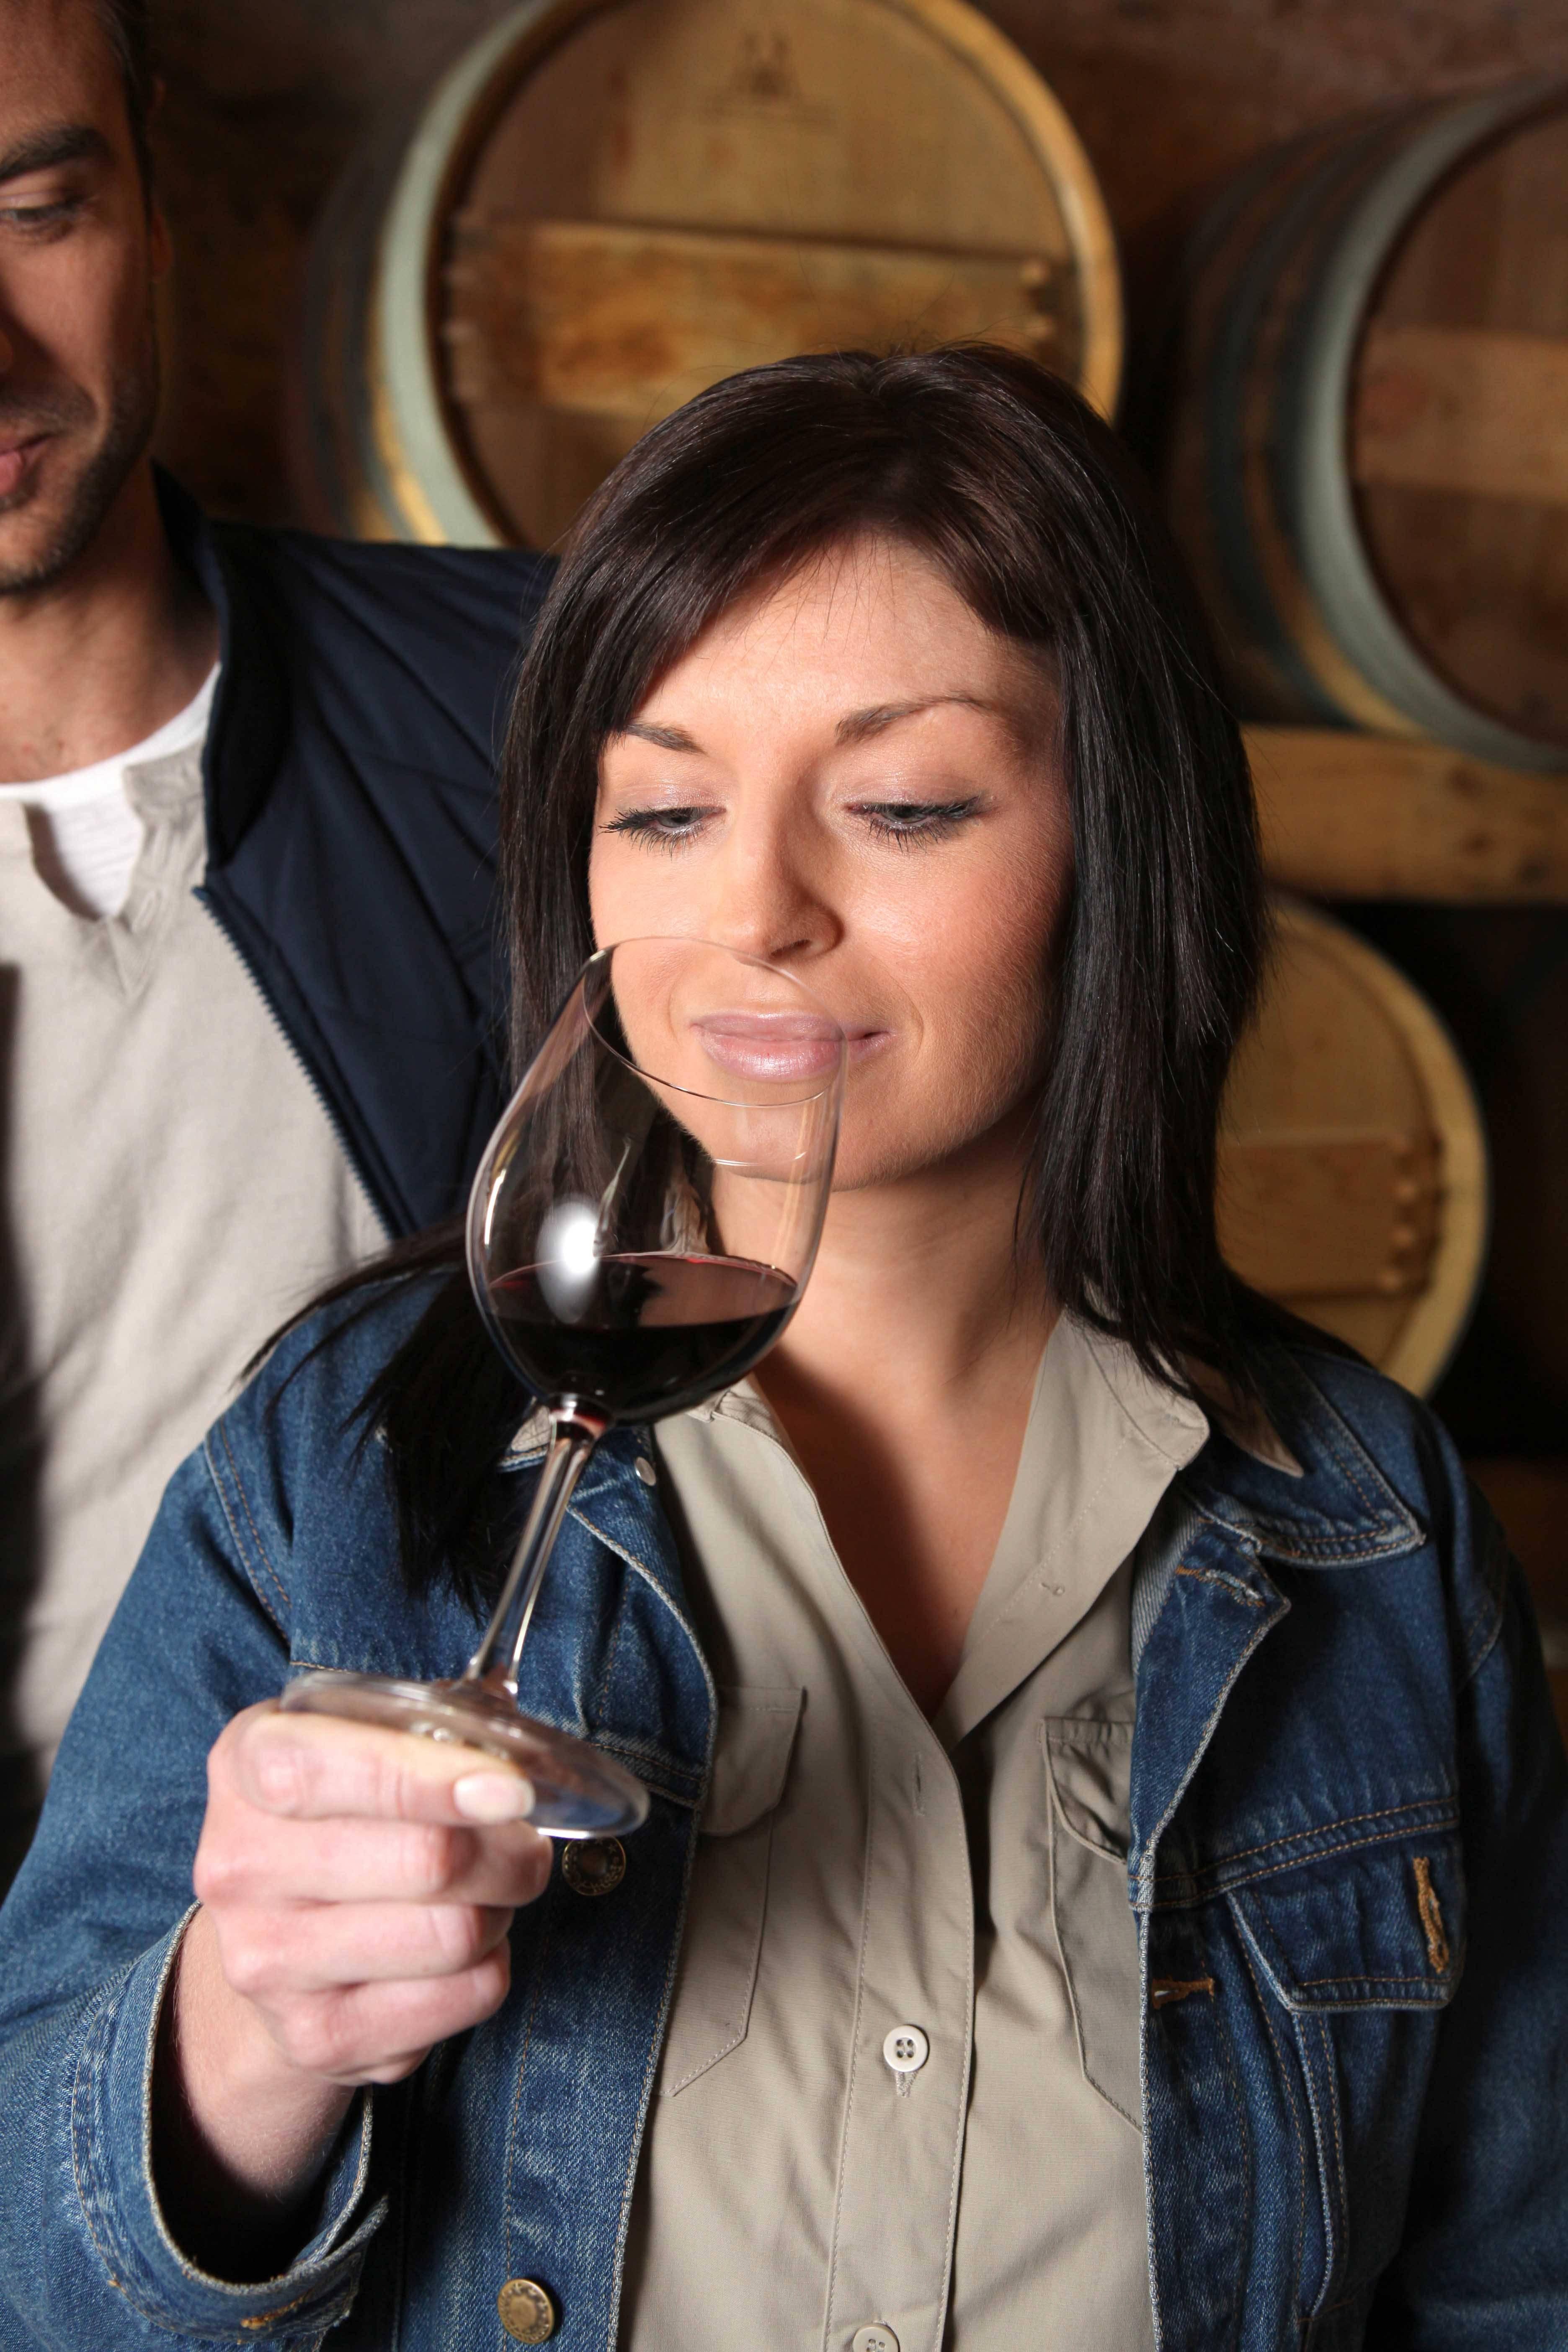 Woman-in-wine-cellar-drinking-glass-of-wine.jpg